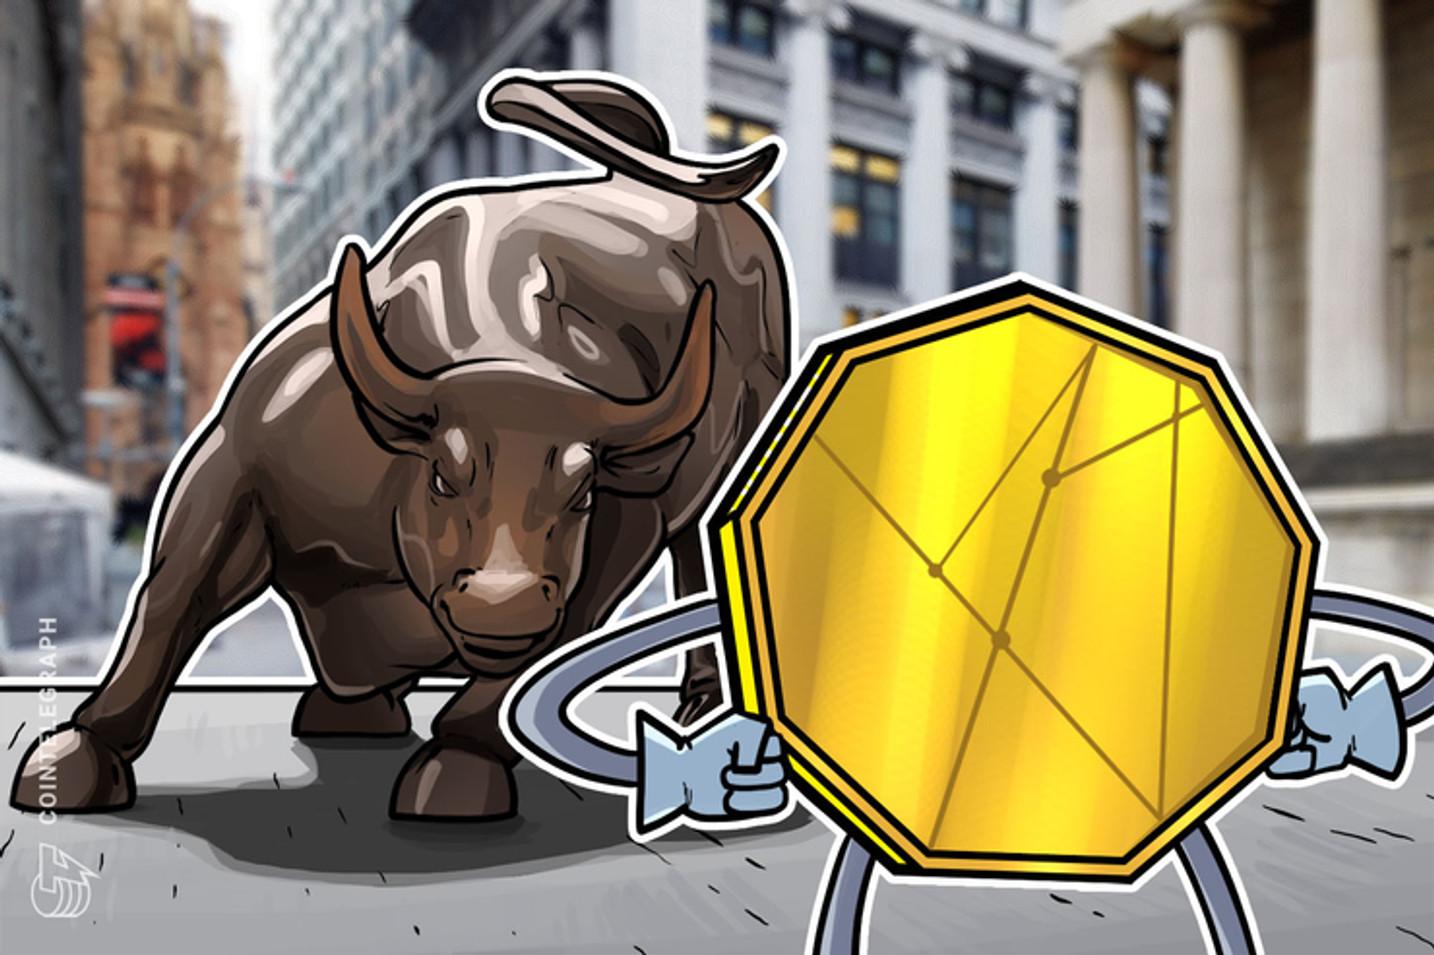 Se o preço não subir com o halving, evento pode baixar o hashrate do Bitcoin